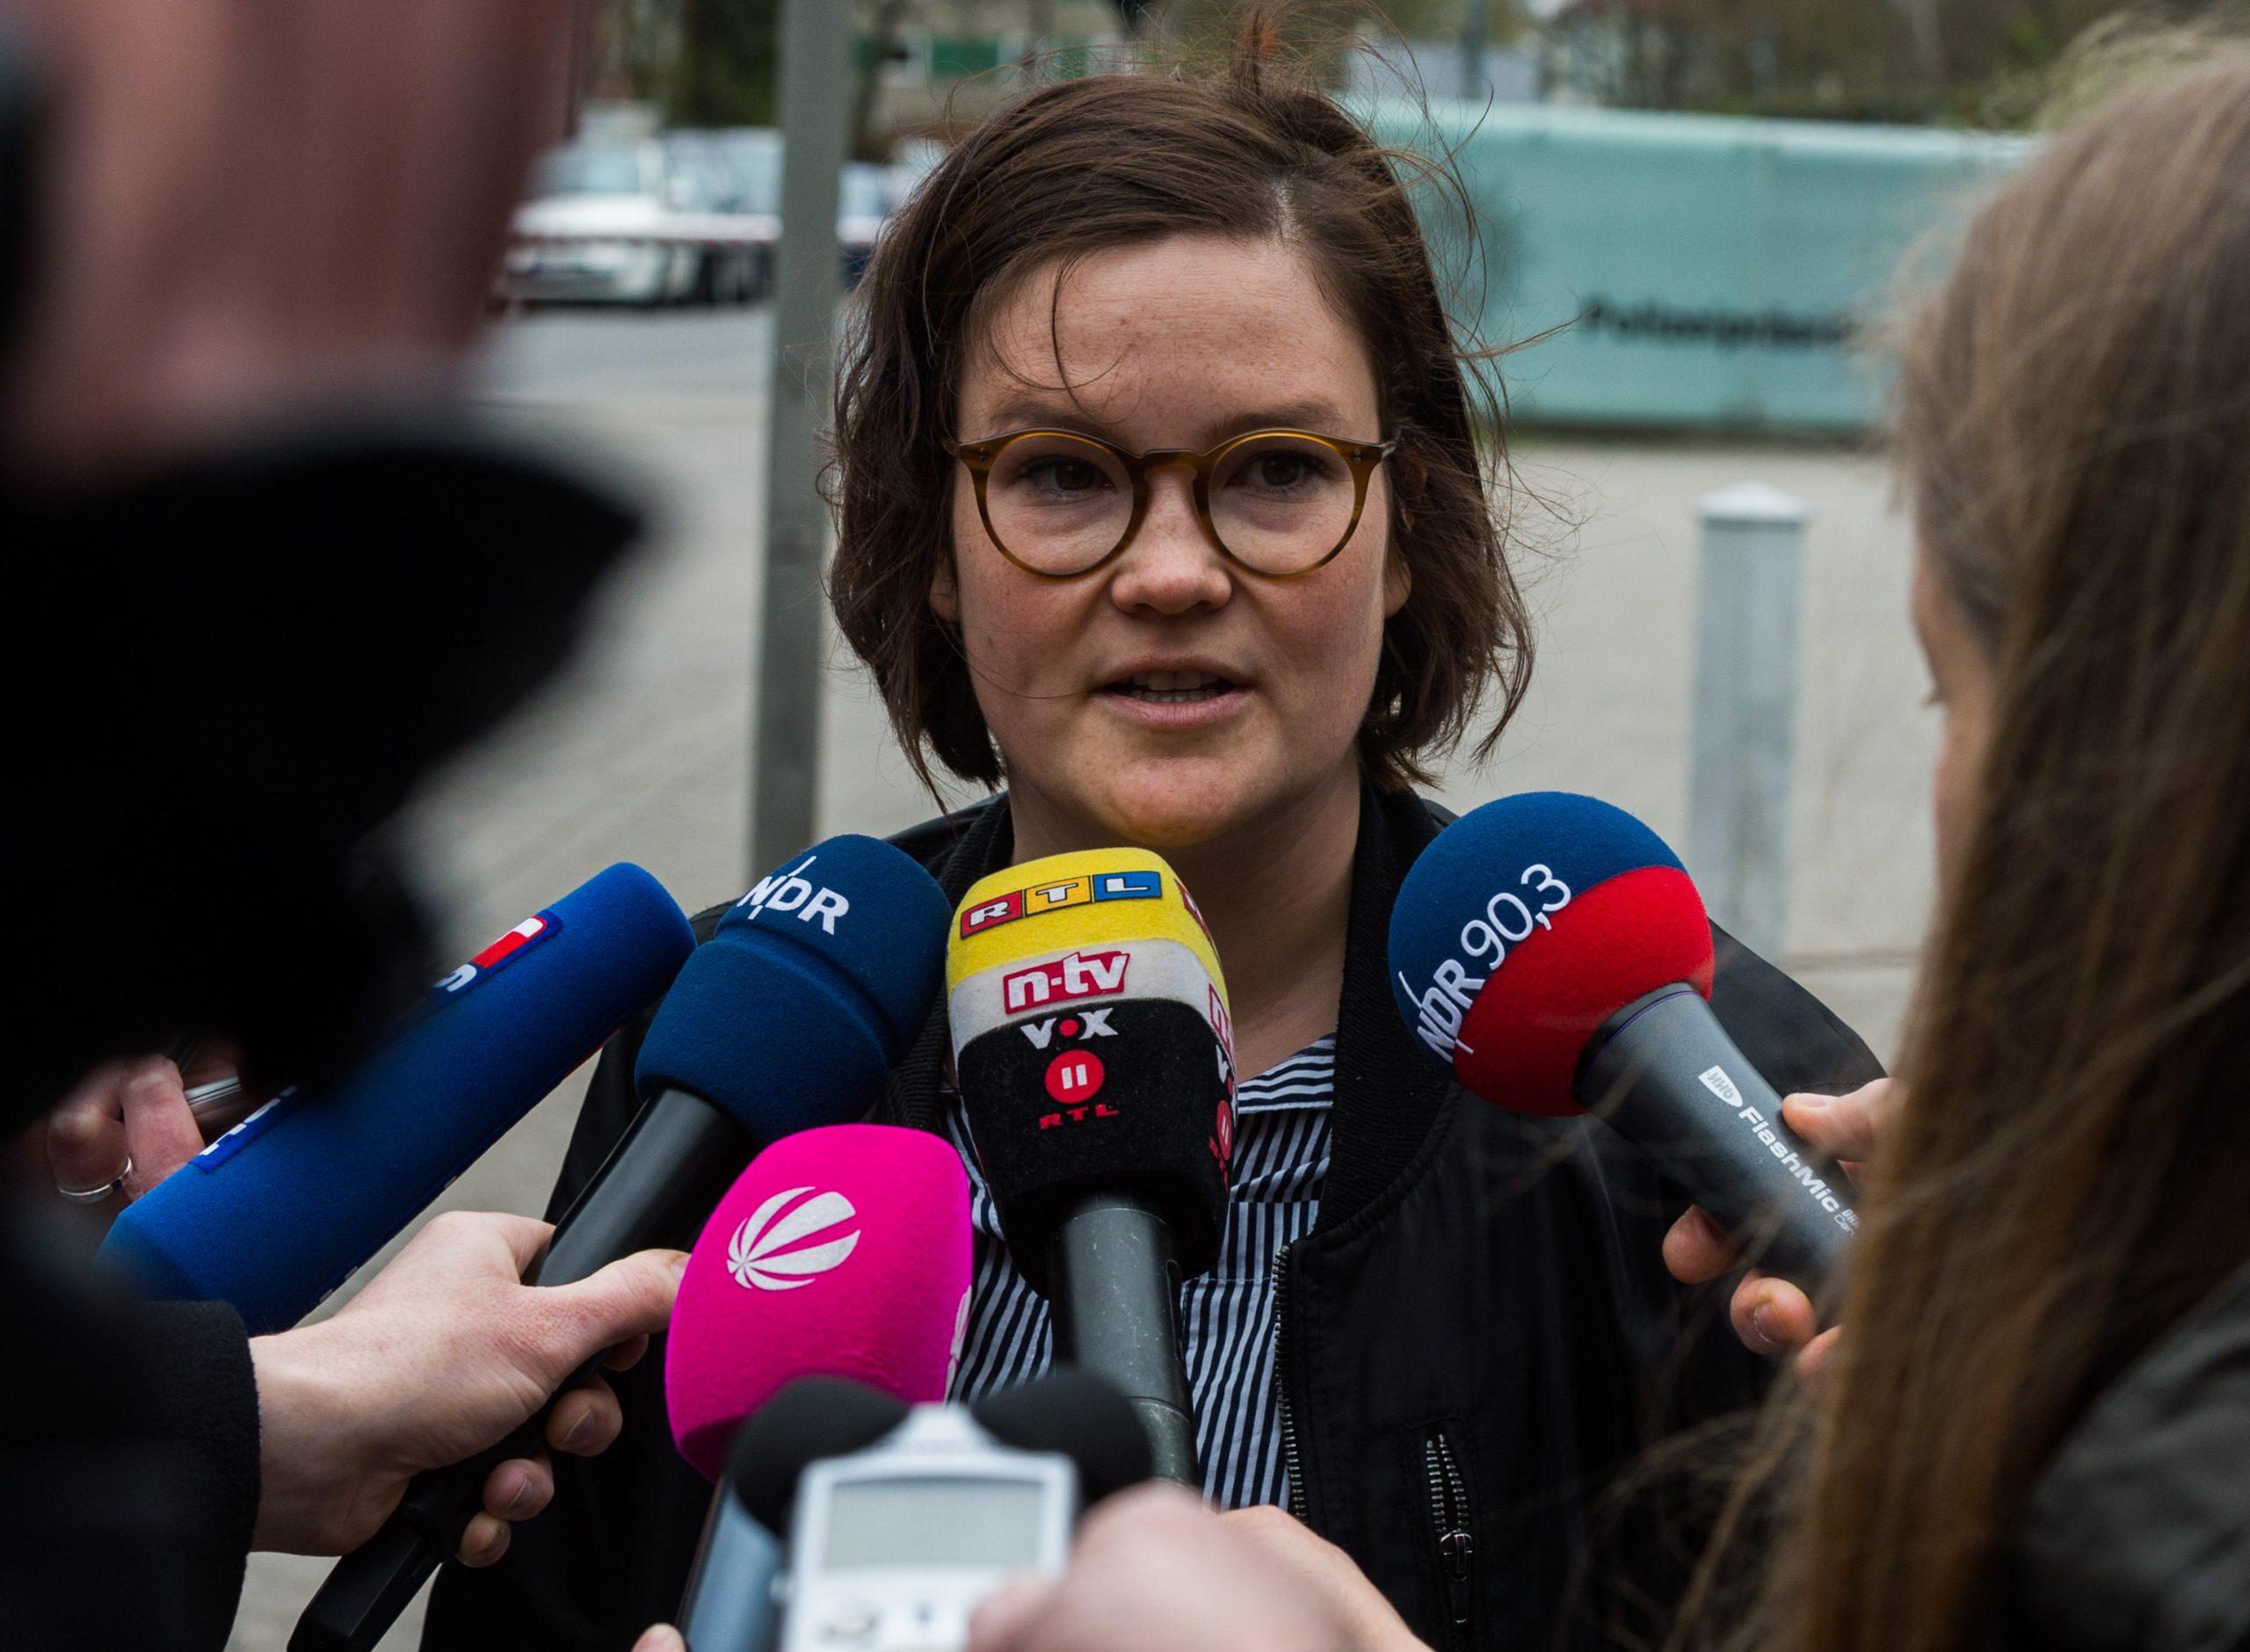 Emily Laquer, Sprecherin des Demobündnisses «Grenzenlose Solidarität statt G20» spricht am 07.04.2017 in Hamburg vor dem Polizeipräsidium mit Vertretern der Presse.